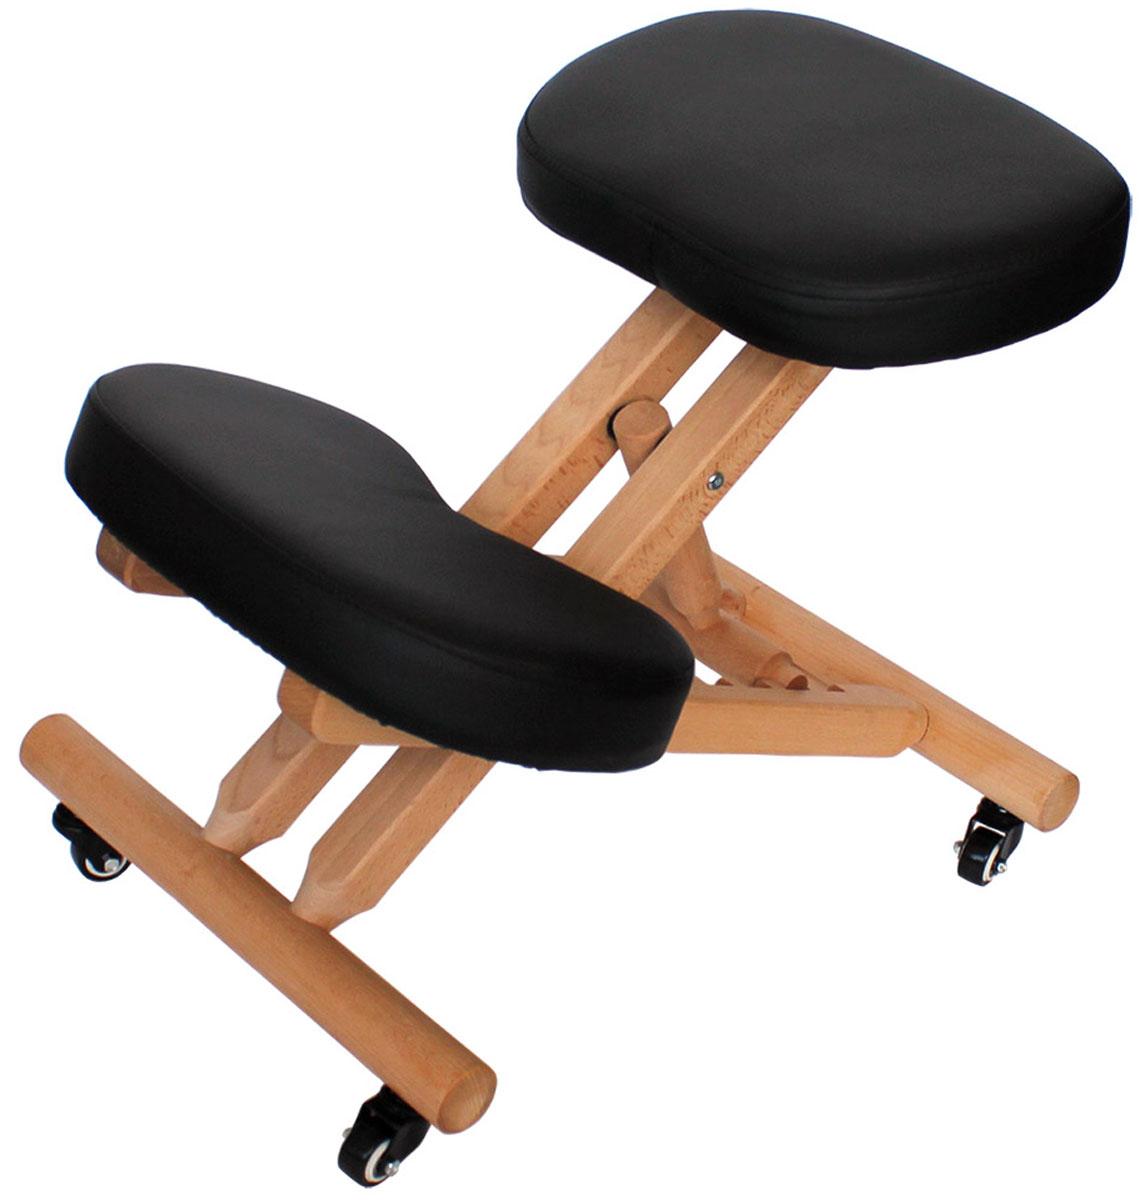 Gess Ортопедический стул для правильной осанки Vertebra ProGESS-810Ортопедический стул Vertebra Pro подойдет для людей самой различной комплекции и роста благодаря регулируемой длине. Он подходит также и детям. Прочный каркас из бука выдерживает нагрузку до 100 кг. Когда Вы сидите на стуле Vertebra Pro, нагрузка на позвоночник равномерно распределяется и излишнее напряжение мышц уходит. Мягкие подушки стула обеспечивают максимальный комфорт при сидении. Конструкция стула широко используется как профилактическое и ортопедическое средство, оказывая благотворный эффект в следующих случаях:— Сколиоз.— Дисфункциональные изменения позвоночного столба в поясничной области.— Регулярная статическая нагрузка на позвоночник.Среди противопоказаний к использованию устройства можно отметить врожденные и приобретенные аномалии костей таза и позвоночного столба, а также крайнюю степень сколиоза.